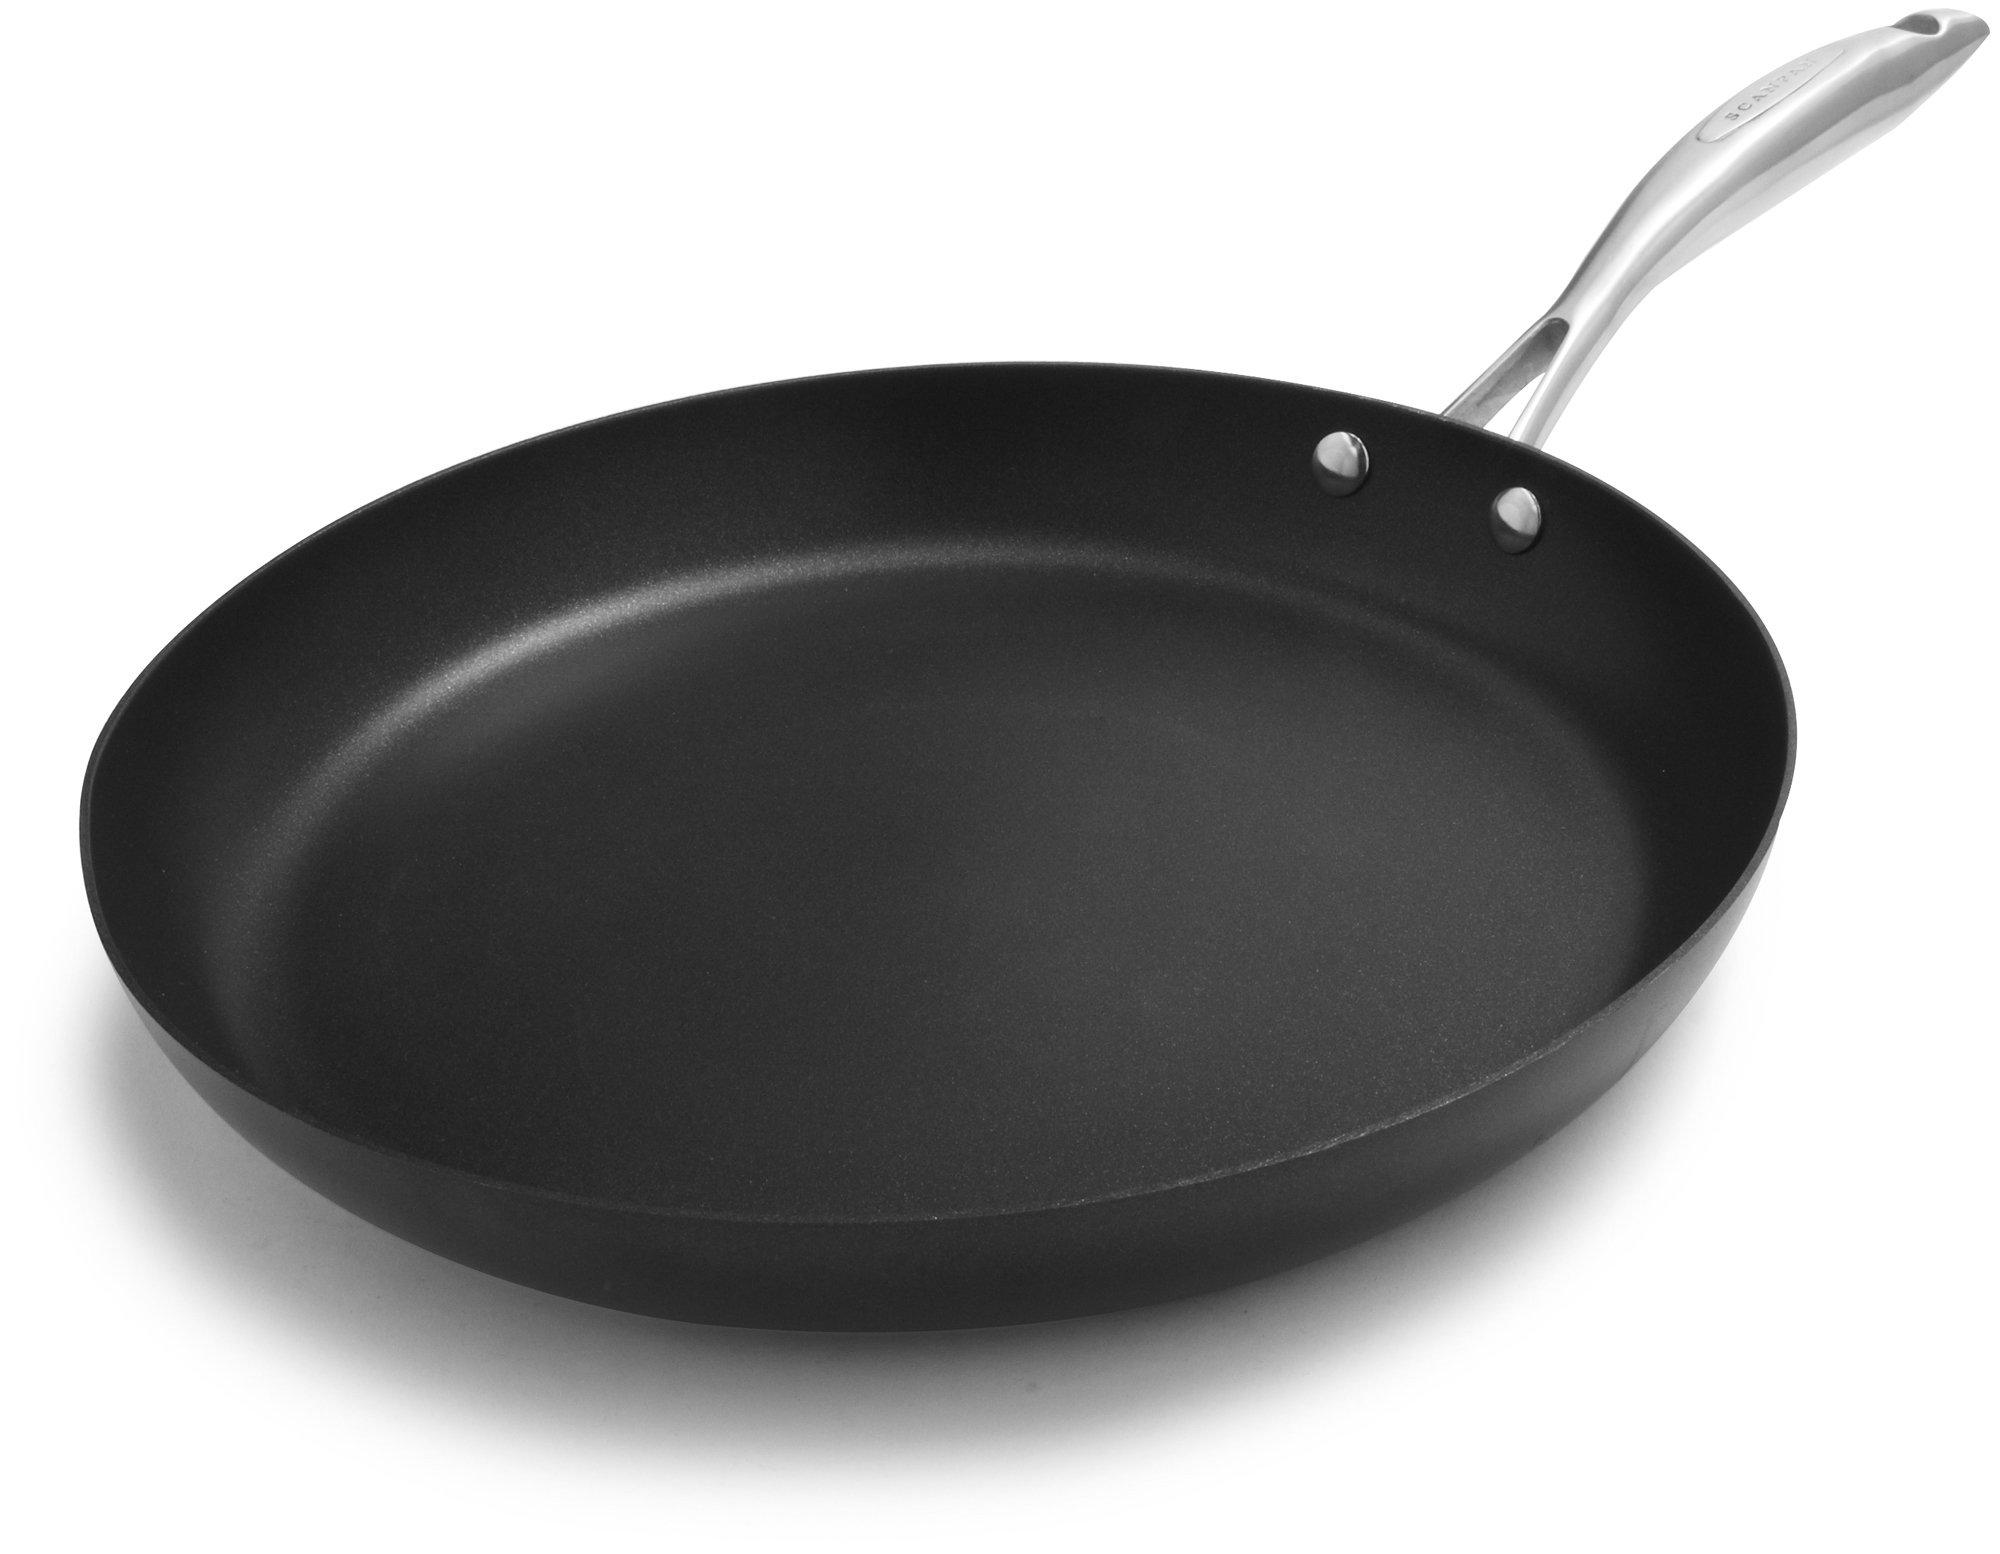 Scanpan PRO IQ Nonstick Fry Pan, 12.5'', Black